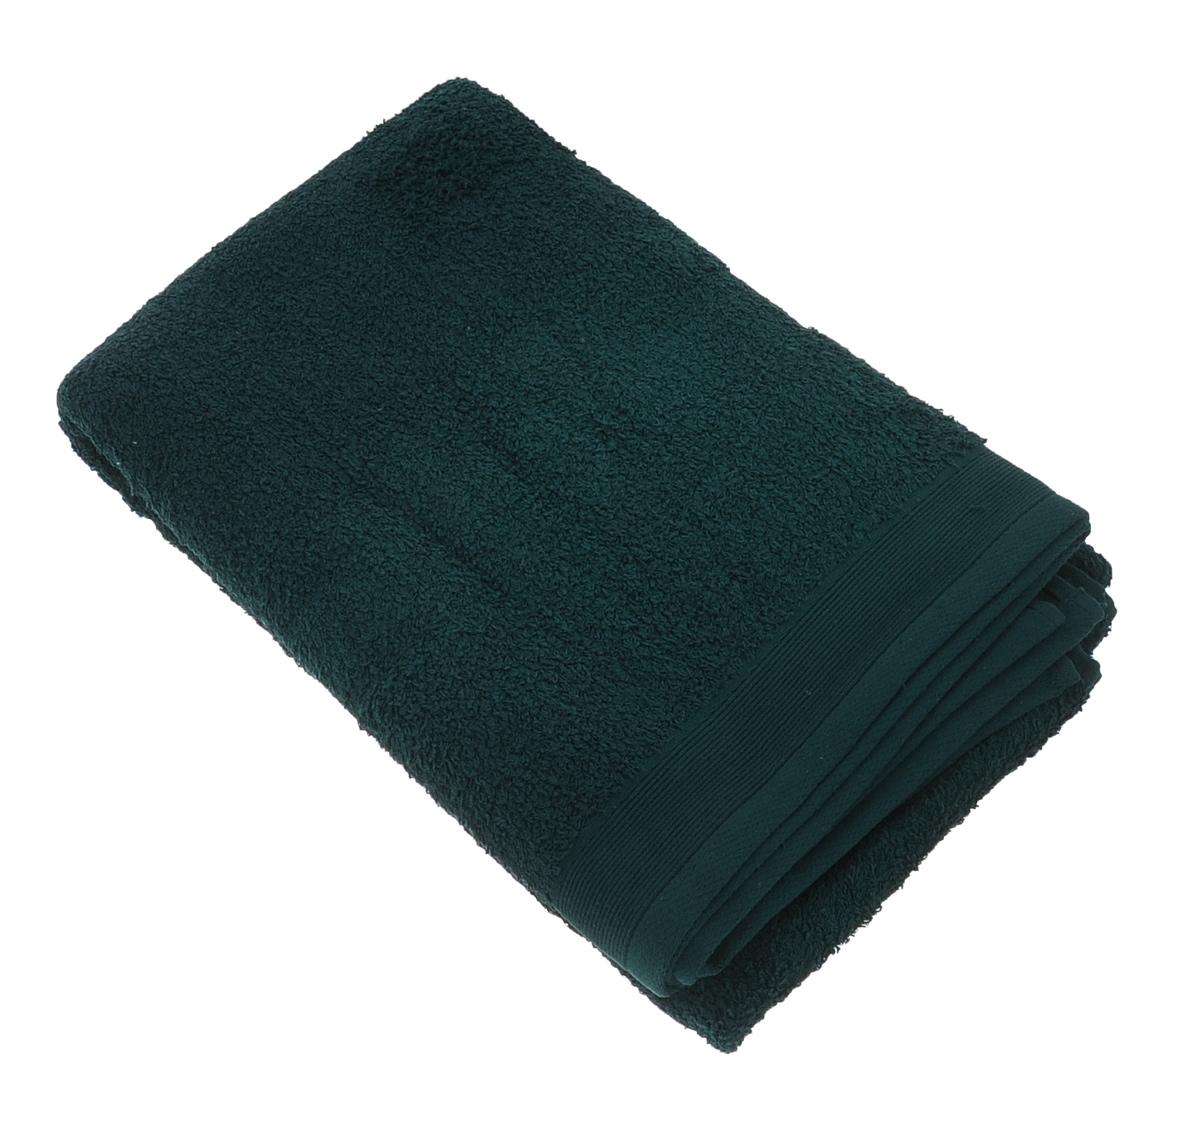 Полотенце махровое Guten Morgen, цвет: темно-зеленый, 100 х 150 смПМи-100-150Махровое полотенце Guten Morgen, изготовленное из натурального хлопка, прекрасно впитывает влагу и быстро сохнет. Высокая плотность ткани делает полотенце мягкими, прочными и пушистыми. При соблюдении рекомендаций по уходу изделие сохраняет яркость цвета и не теряет форму даже после многократных стирок. Махровое полотенце Guten Morgen станет достойным выбором для вас и приятным подарком для ваших близких. Мягкость и высокое качество материала, из которого изготовлено полотенце, не оставит вас равнодушными. Рекомендуем!